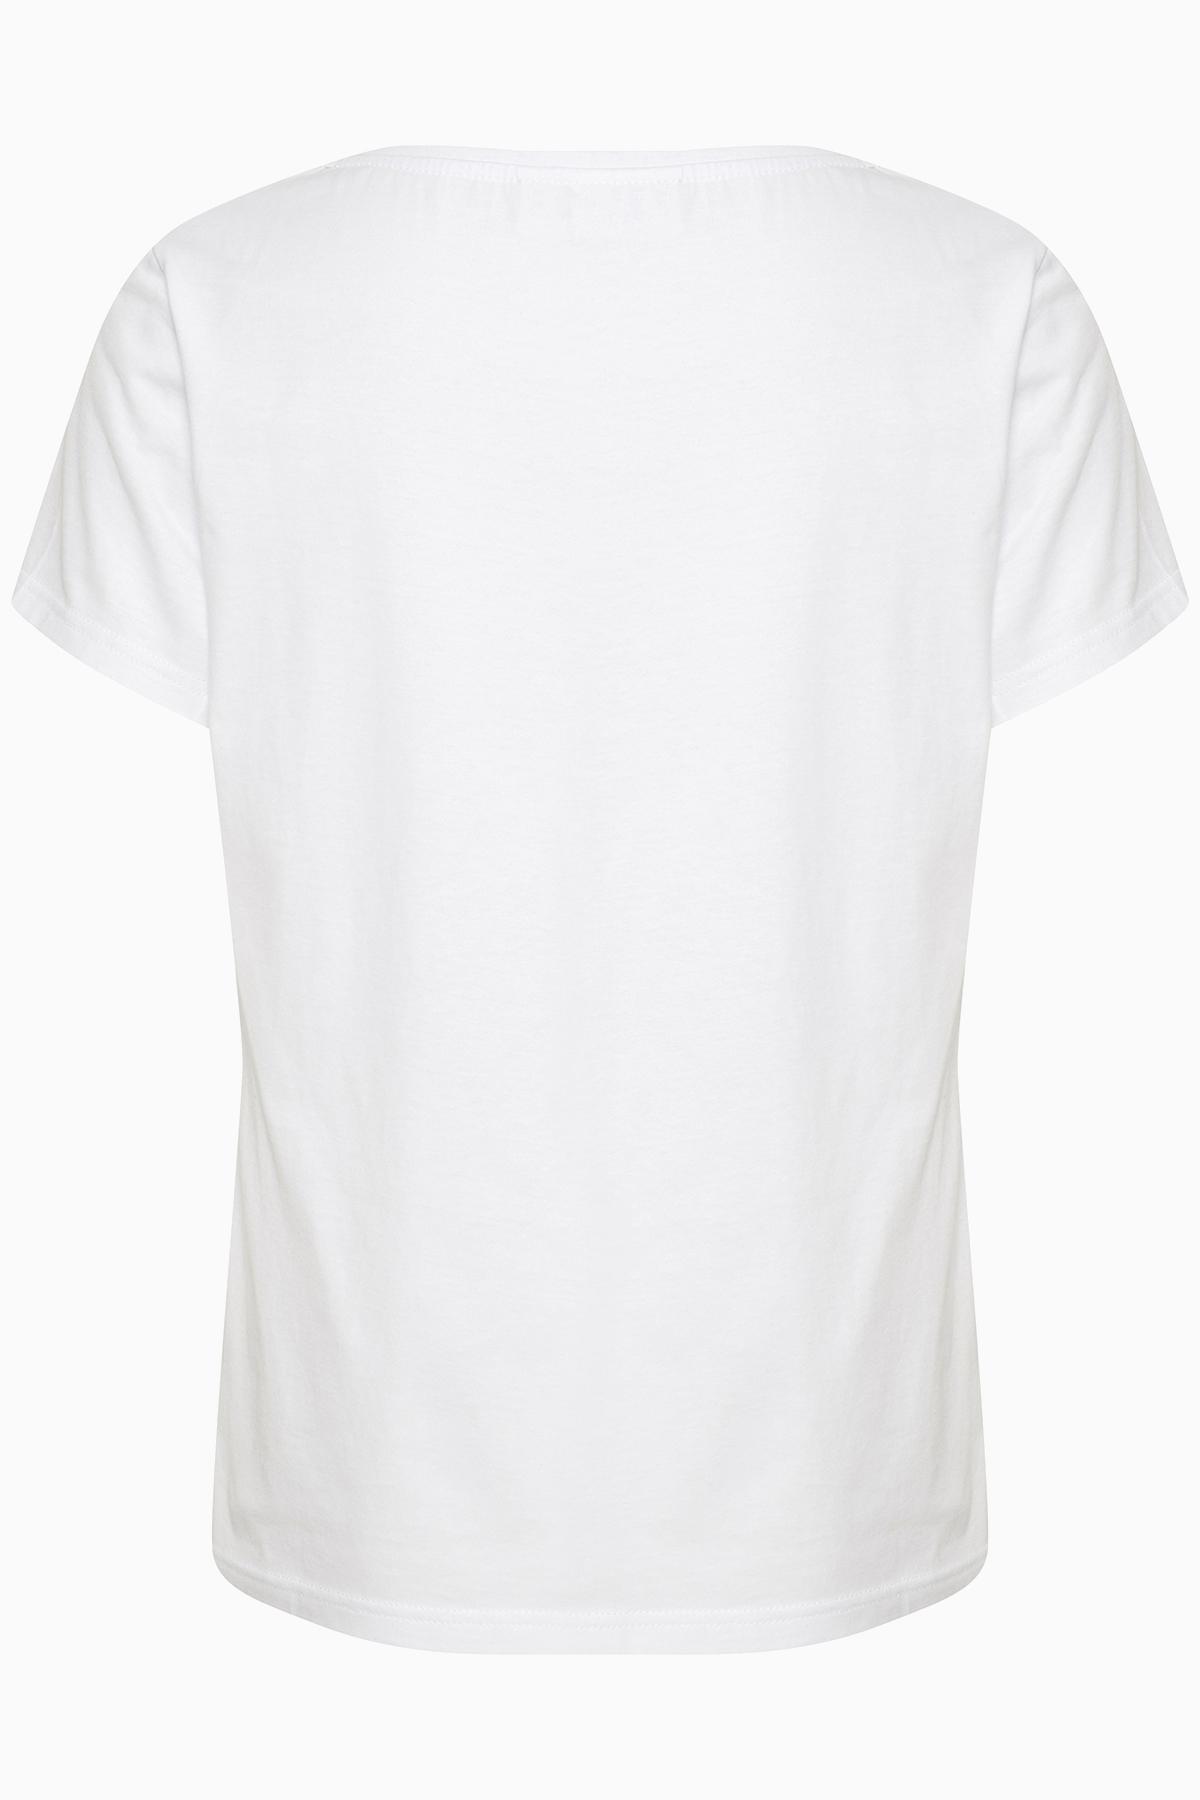 Off-white/fuchsia Kortærmet T-shirt fra Kaffe – Køb Off-white/fuchsia Kortærmet T-shirt fra str. L-XXL her